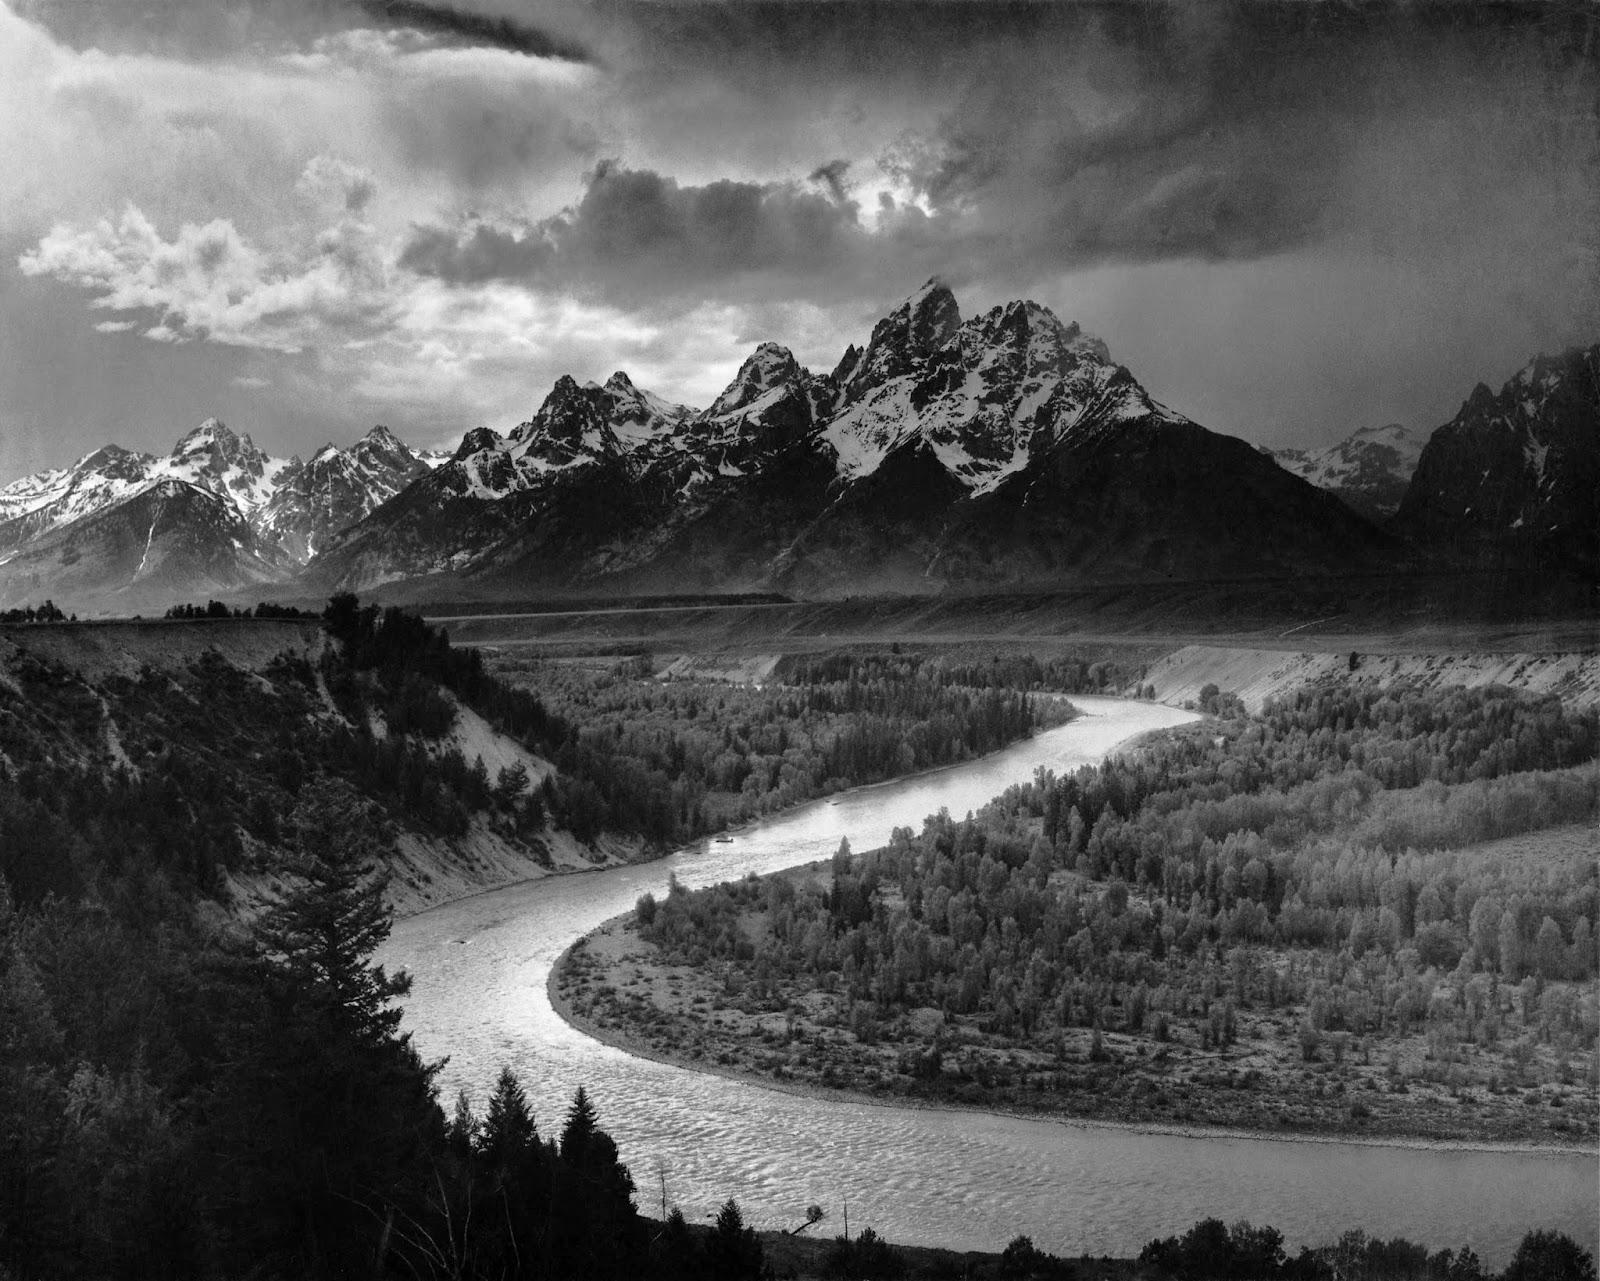 Lezioni di fotografia: Ansel Adams